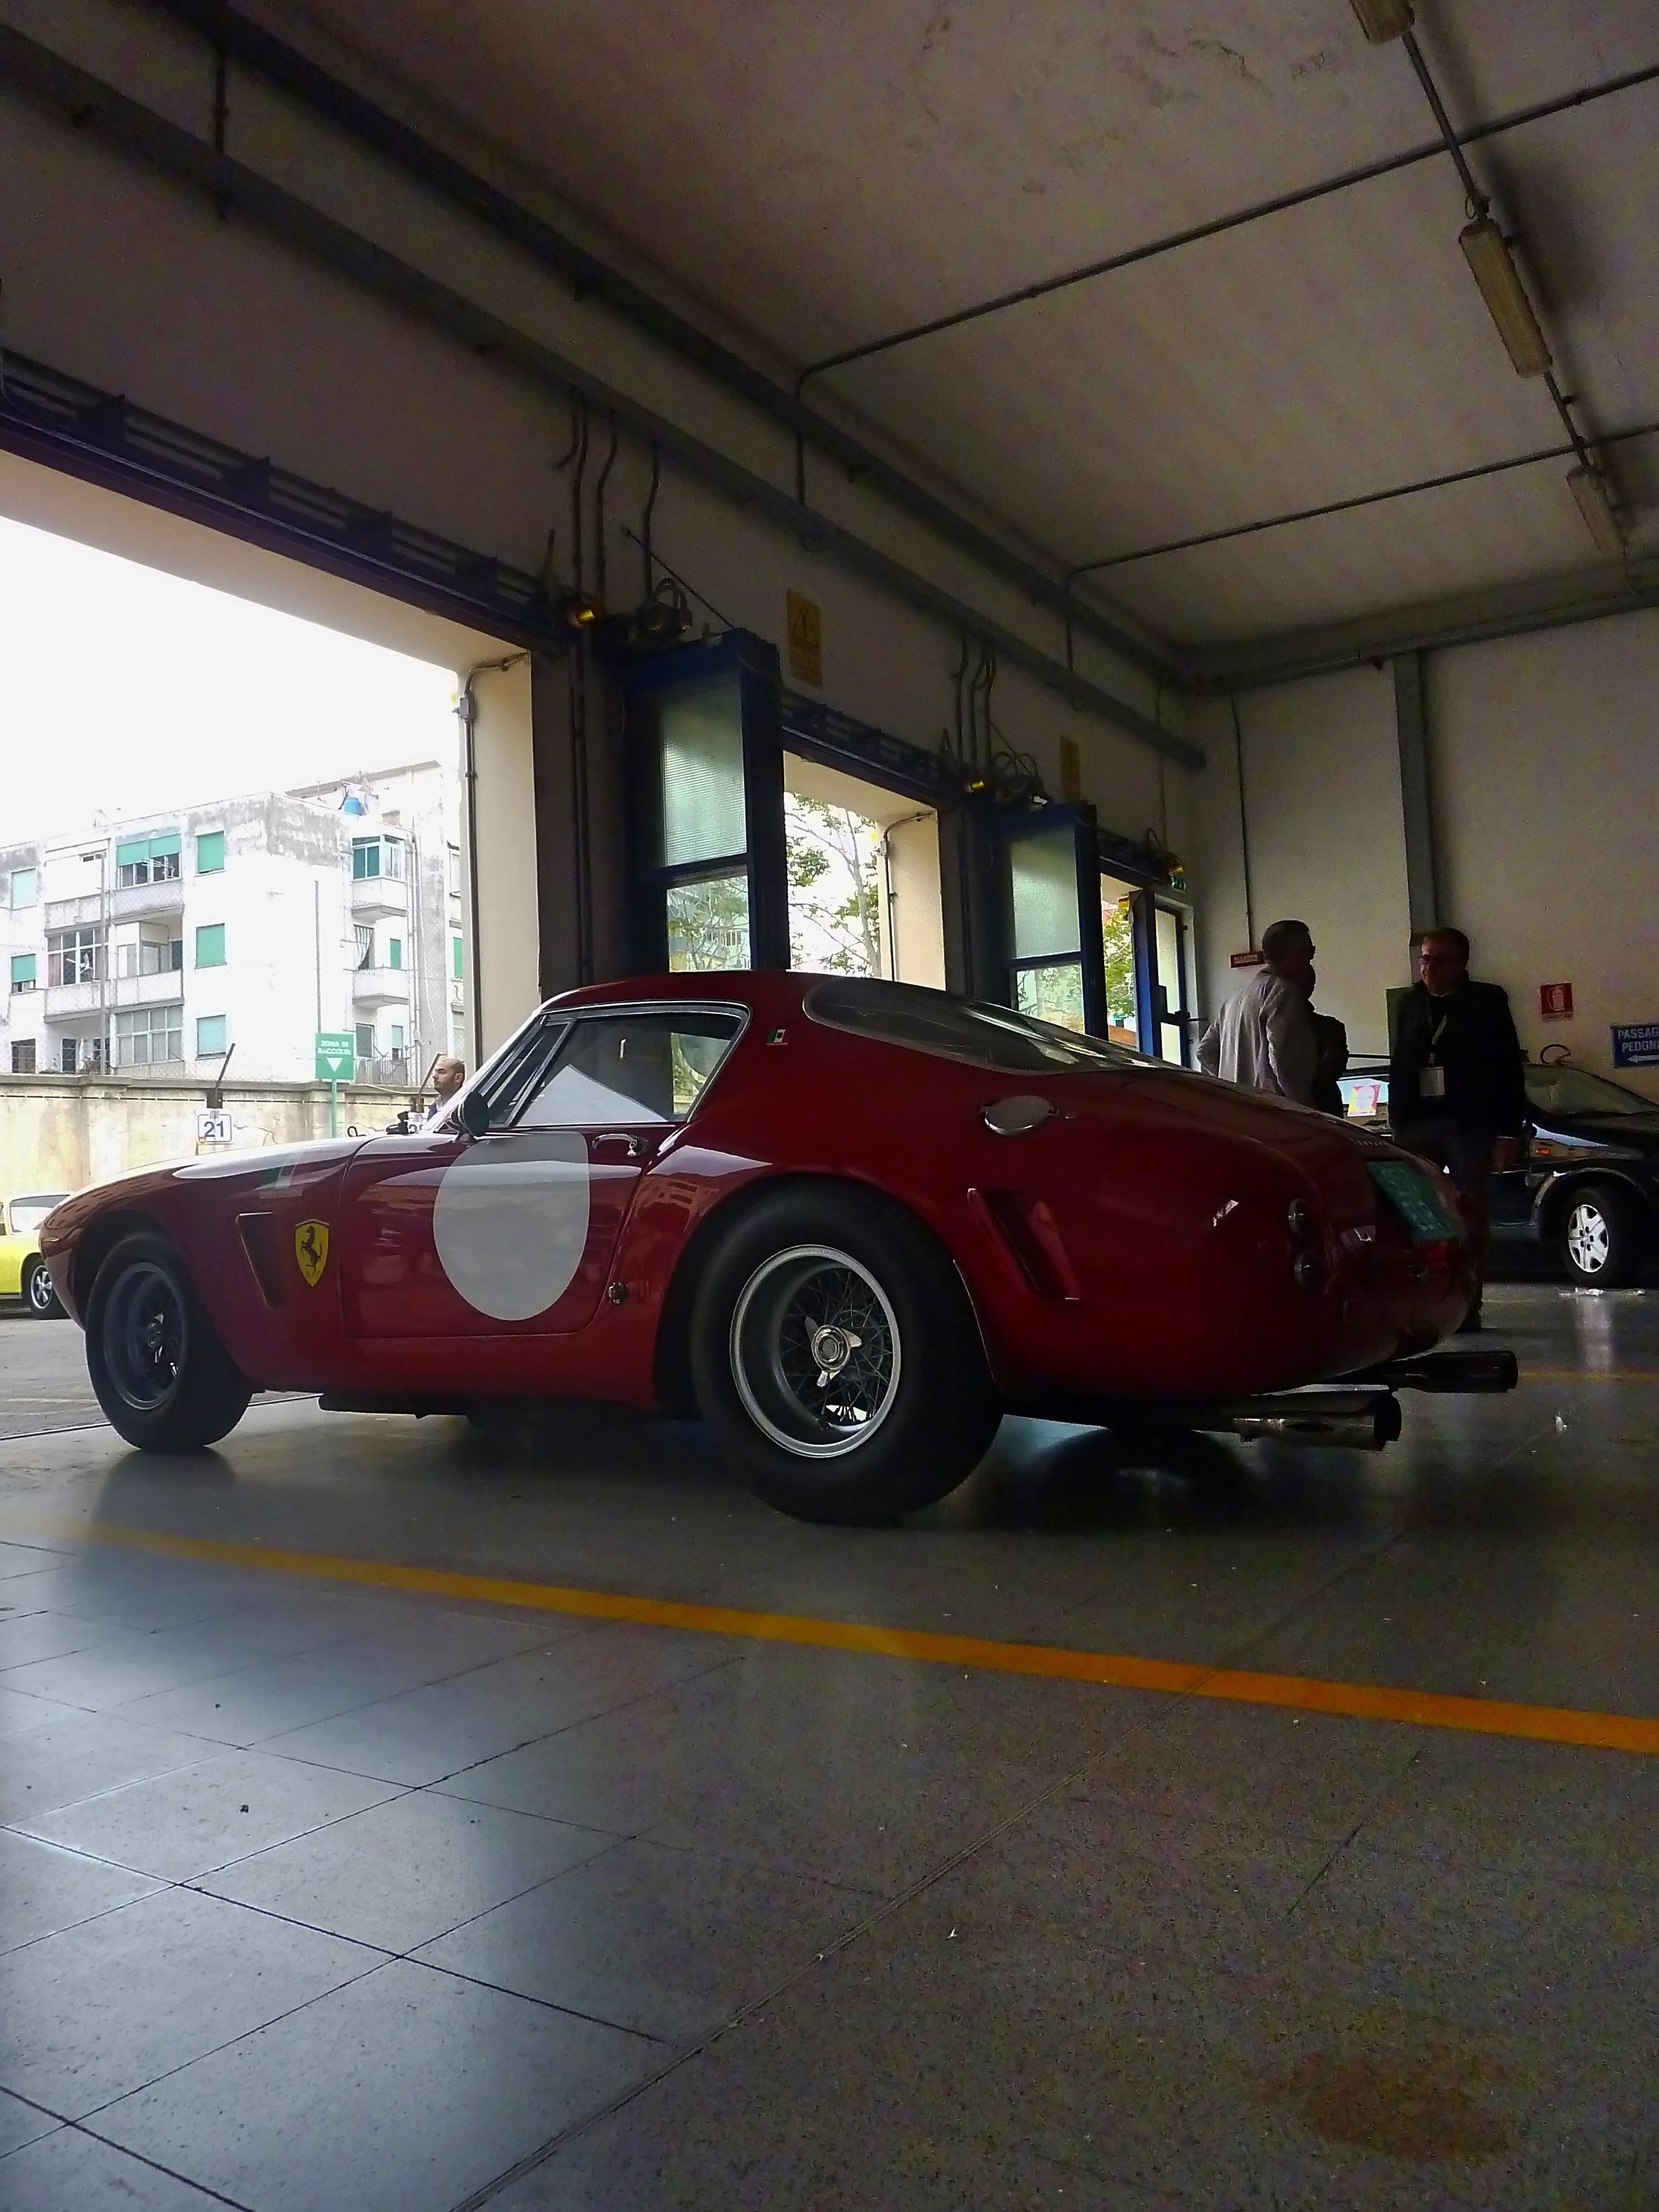 1961 Ferrari 250 GT SWB #2701 (91)_filtered